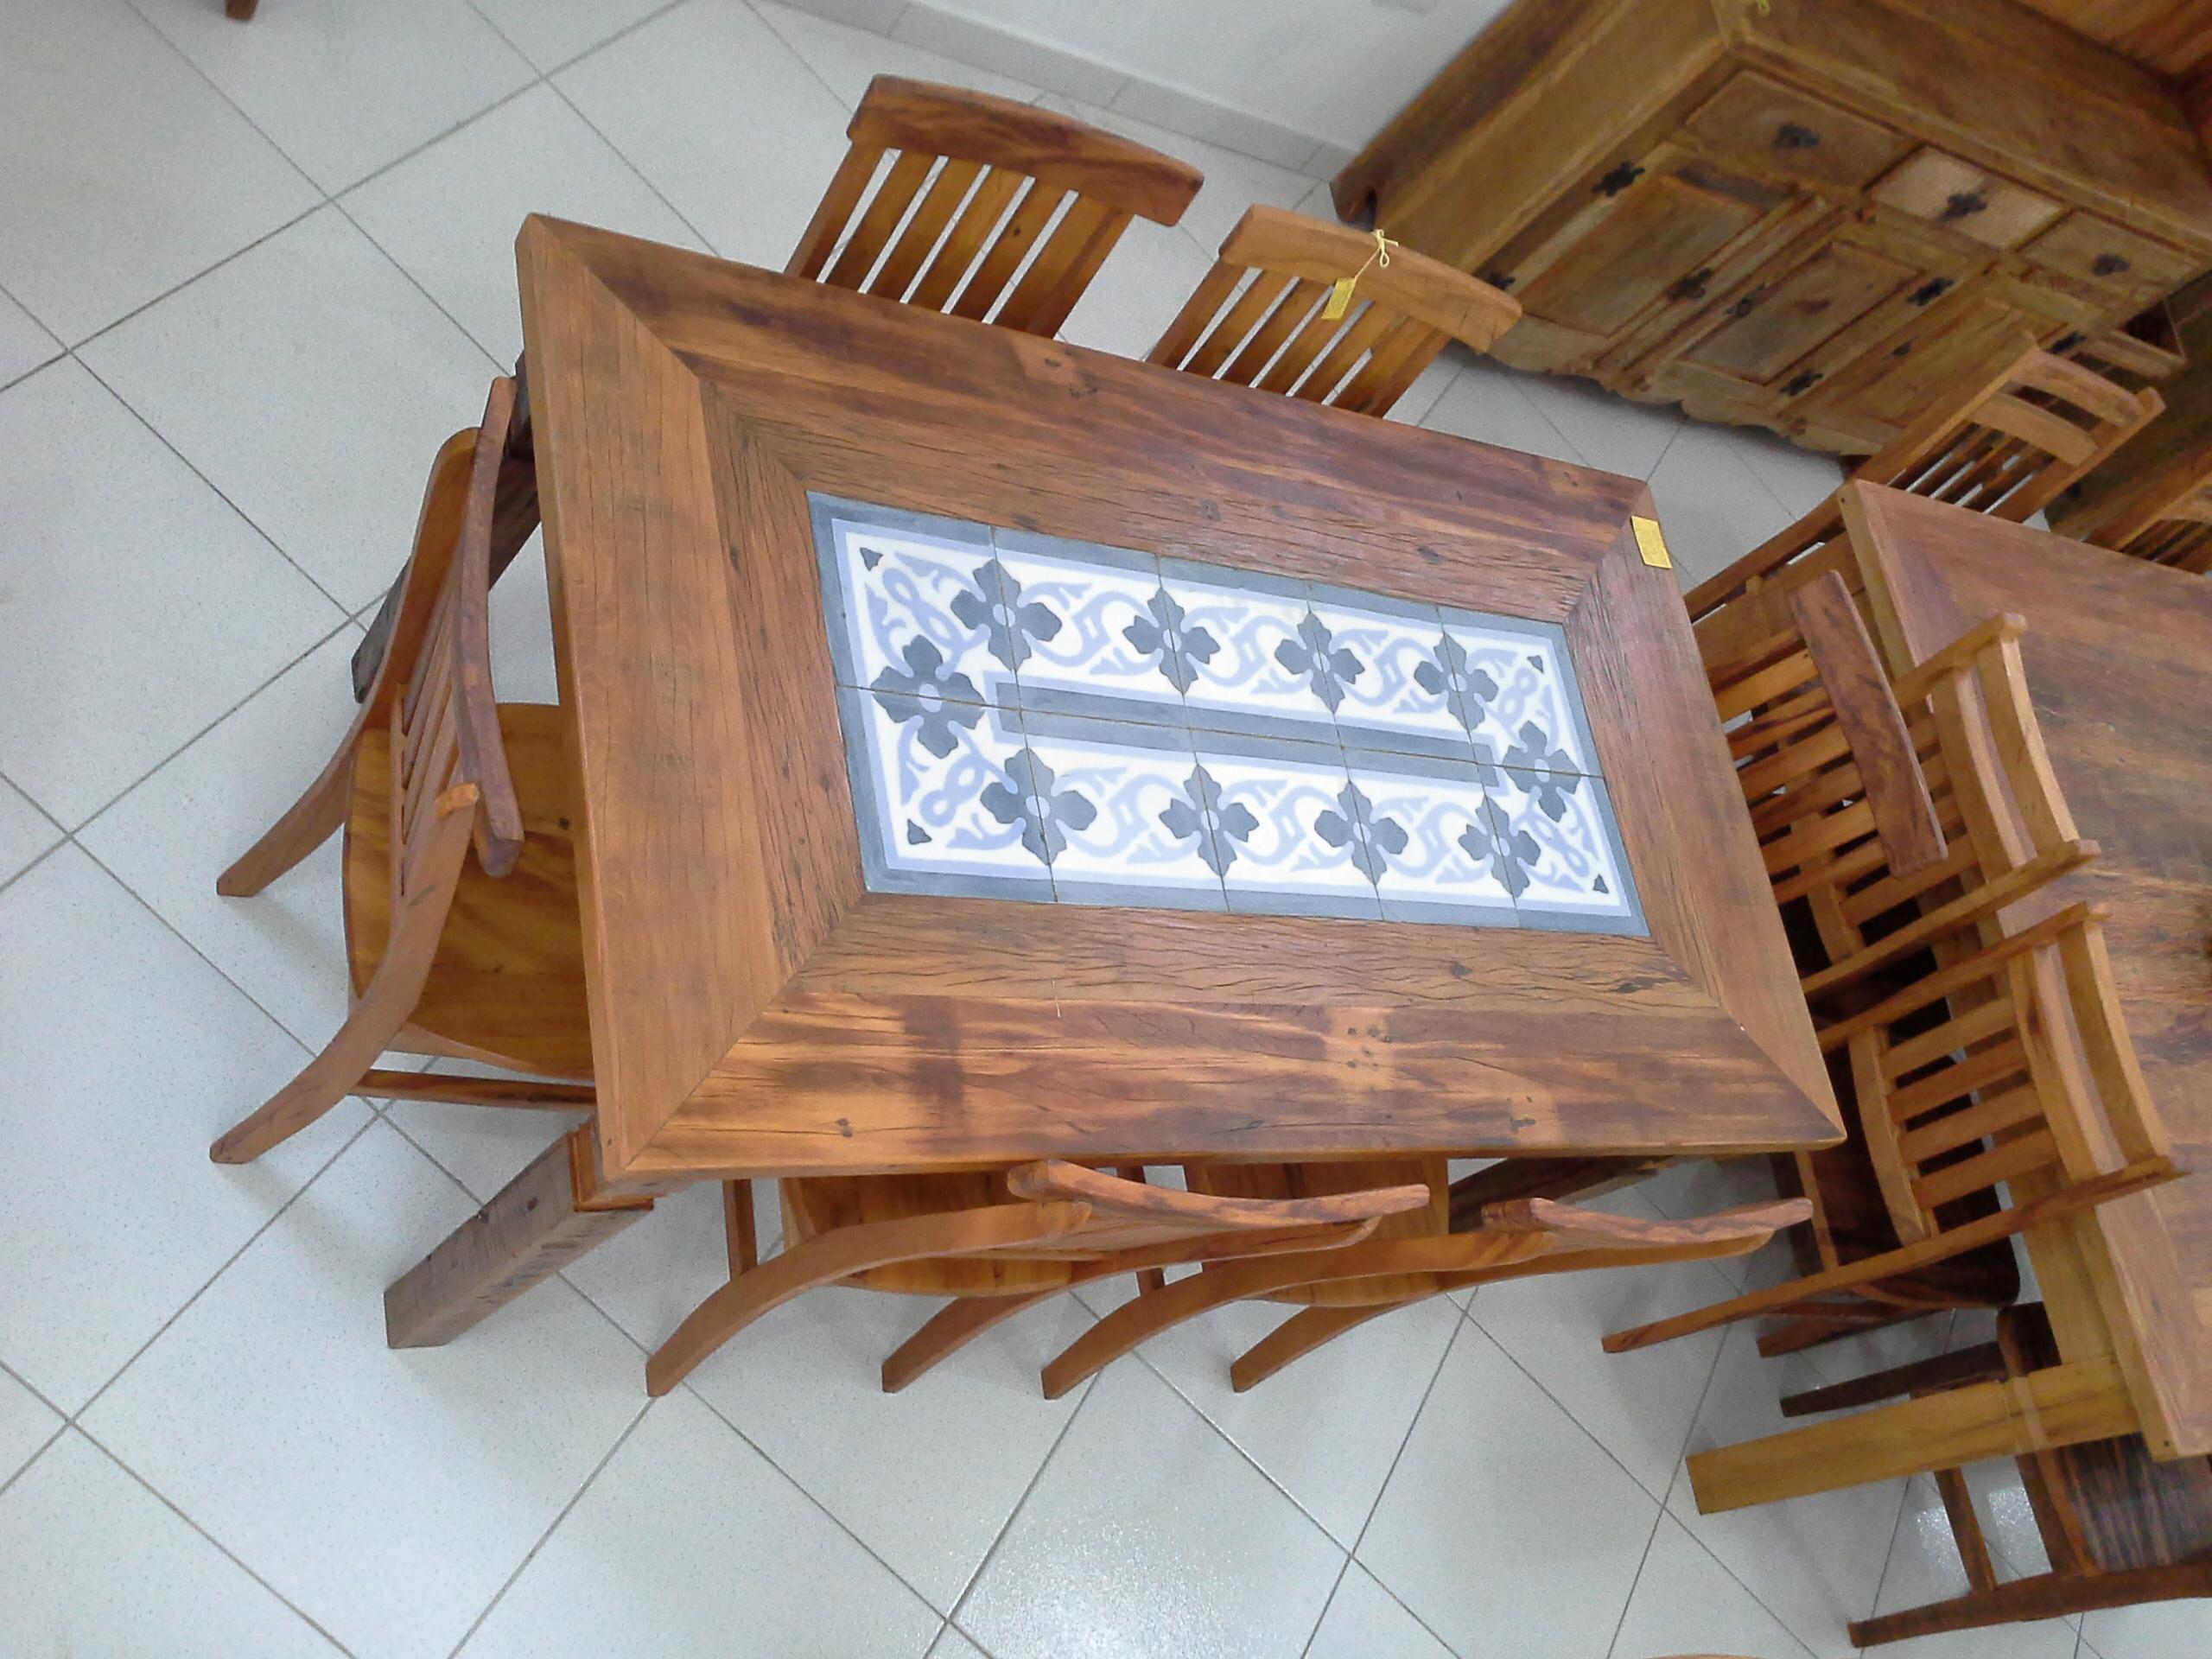 Mesa_de_demolição_com_ladrilho_hidráulico_e_cadeiras_mineiras